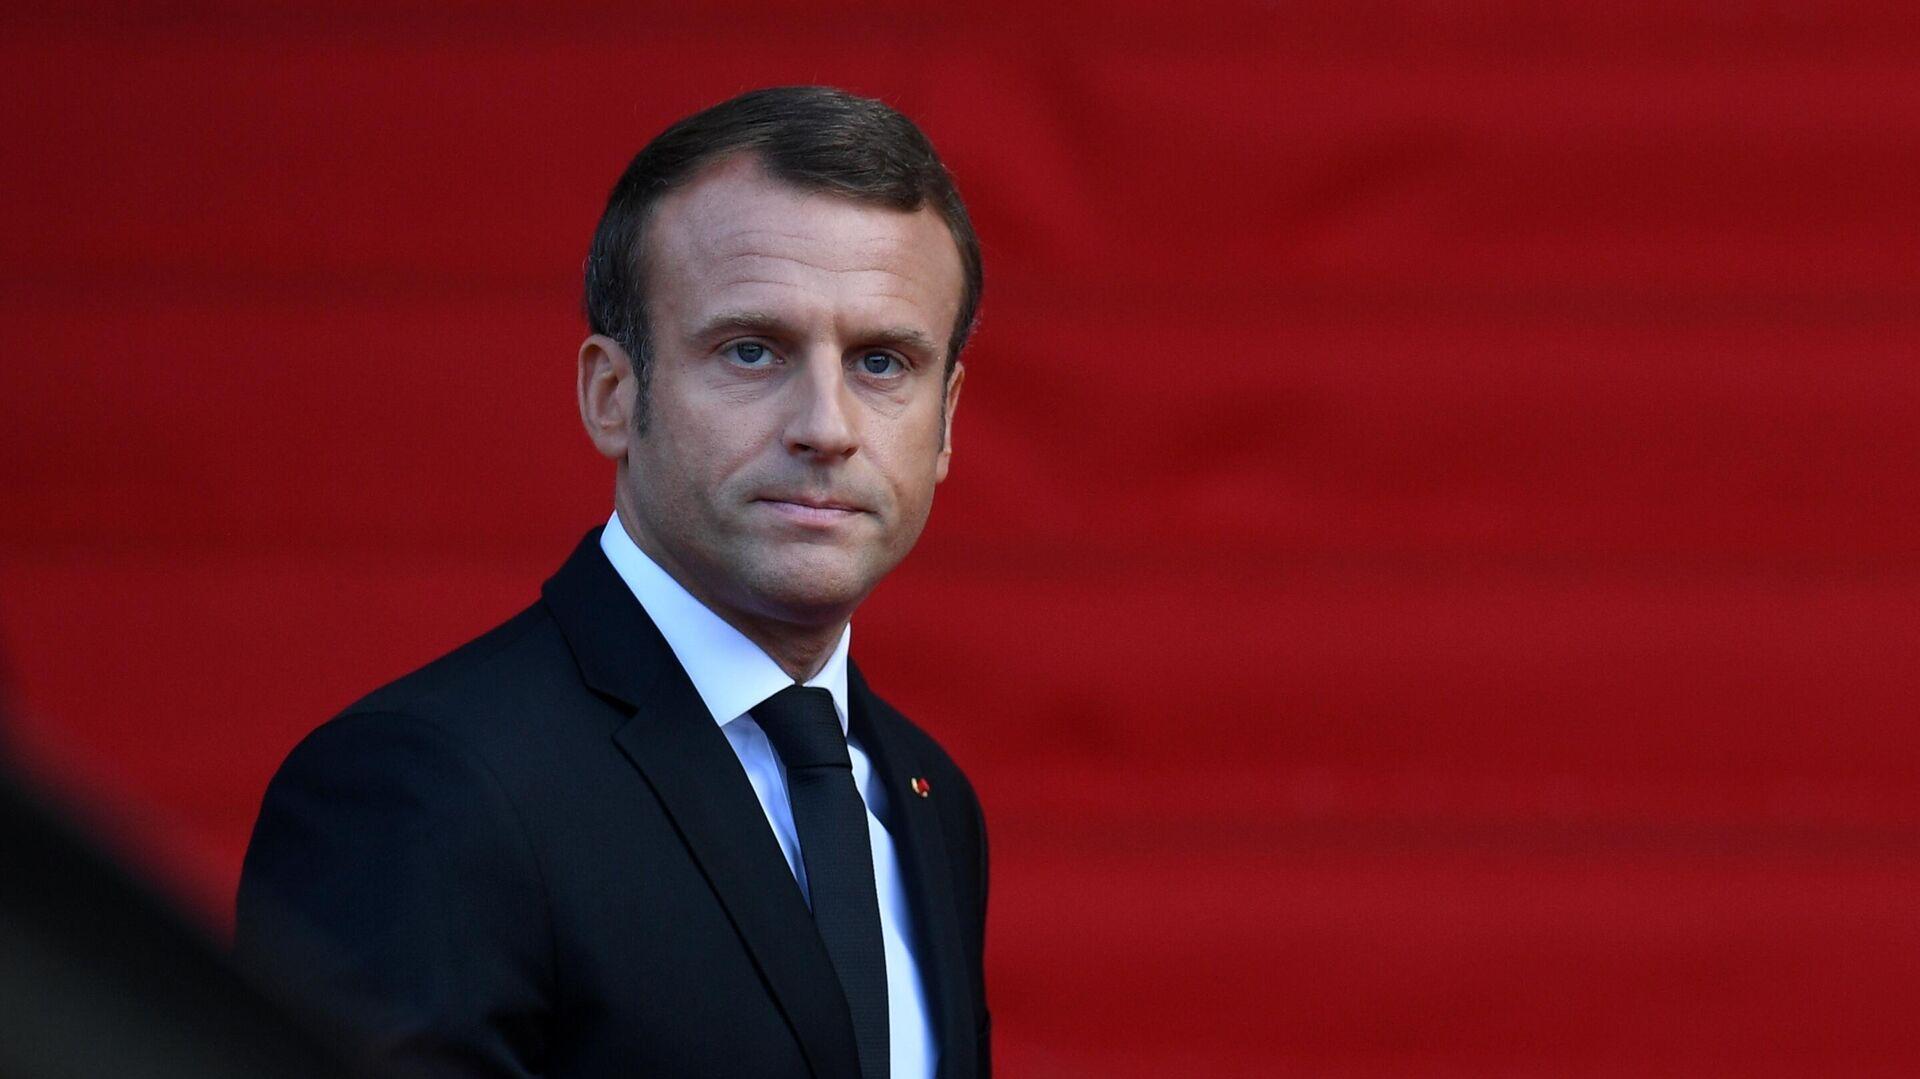 Президент Франции Эммануэль Макрон перед началом траурной церемонии прощания с бывшим президентом Франции Жаком Шираком - РИА Новости, 1920, 28.09.2020